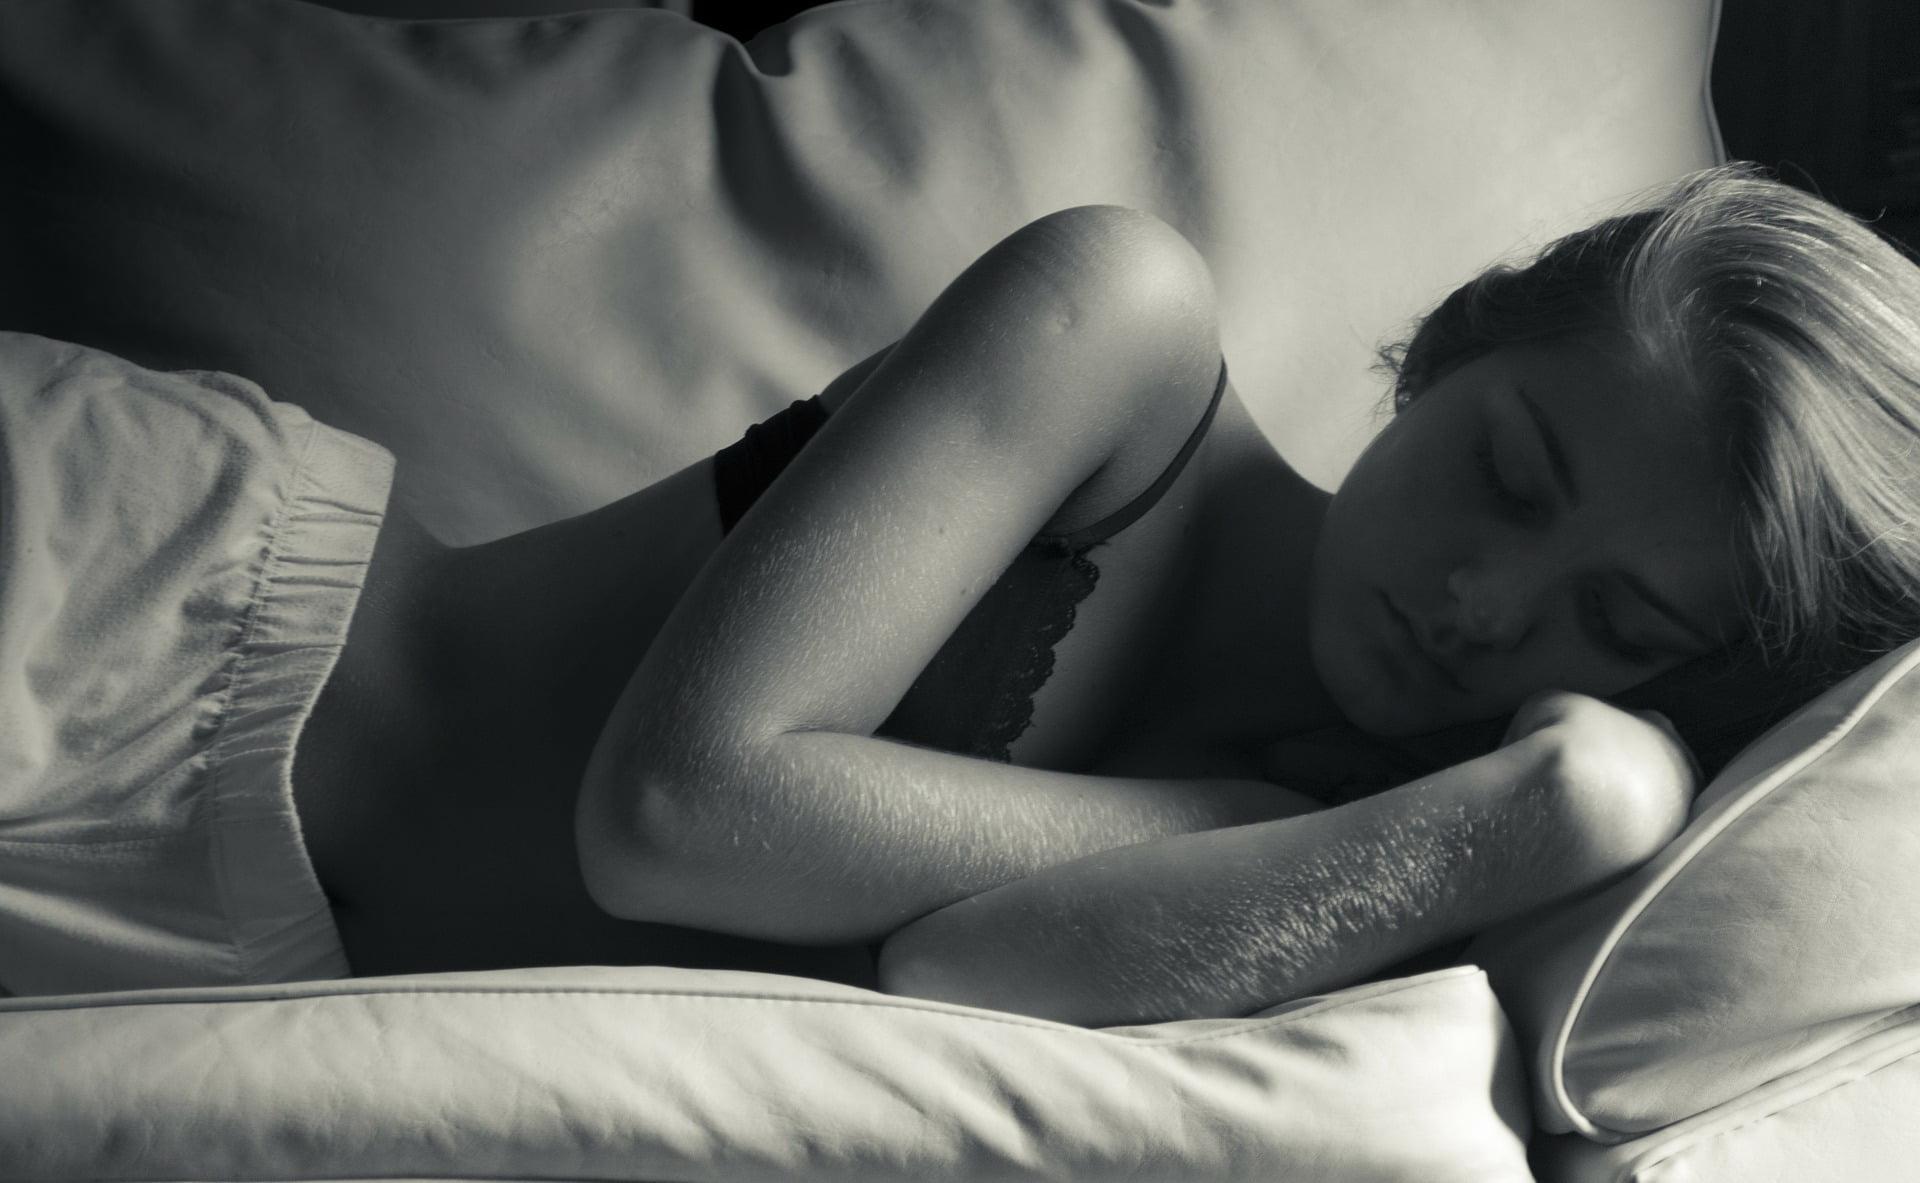 Somnul în nopțile caniculare este un chin, iar aerul condiționat nu este cea mai sănătoasă opțiune.